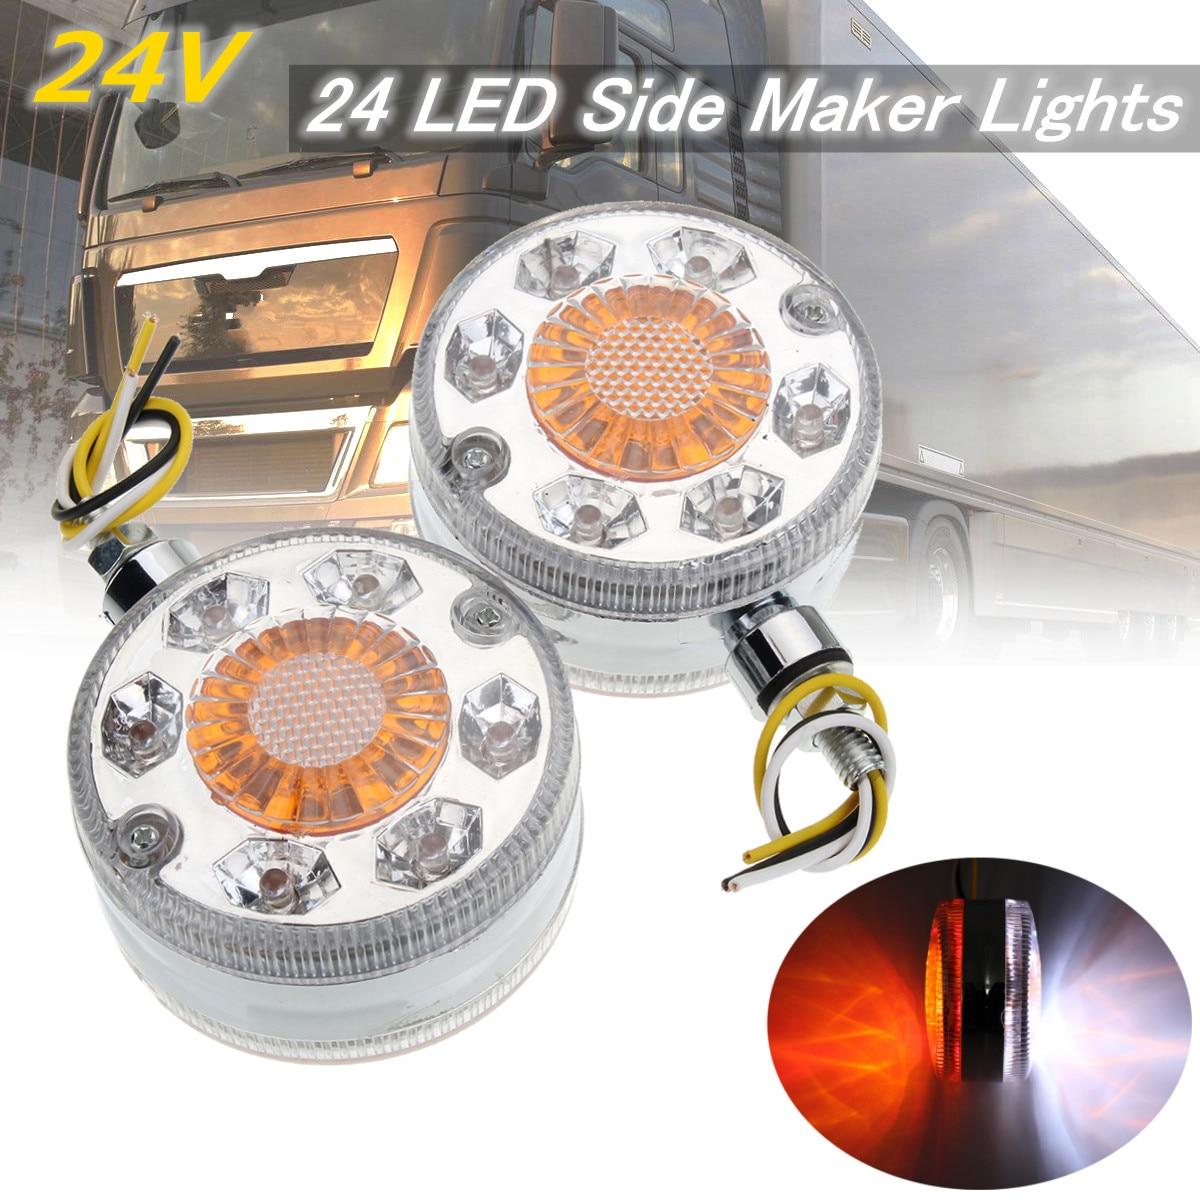 Paire 24 v 24 LED Chrome Rouge Blanc Ambre Side Maker Lumières Pour SCANIA DAF HOMME RENAULT